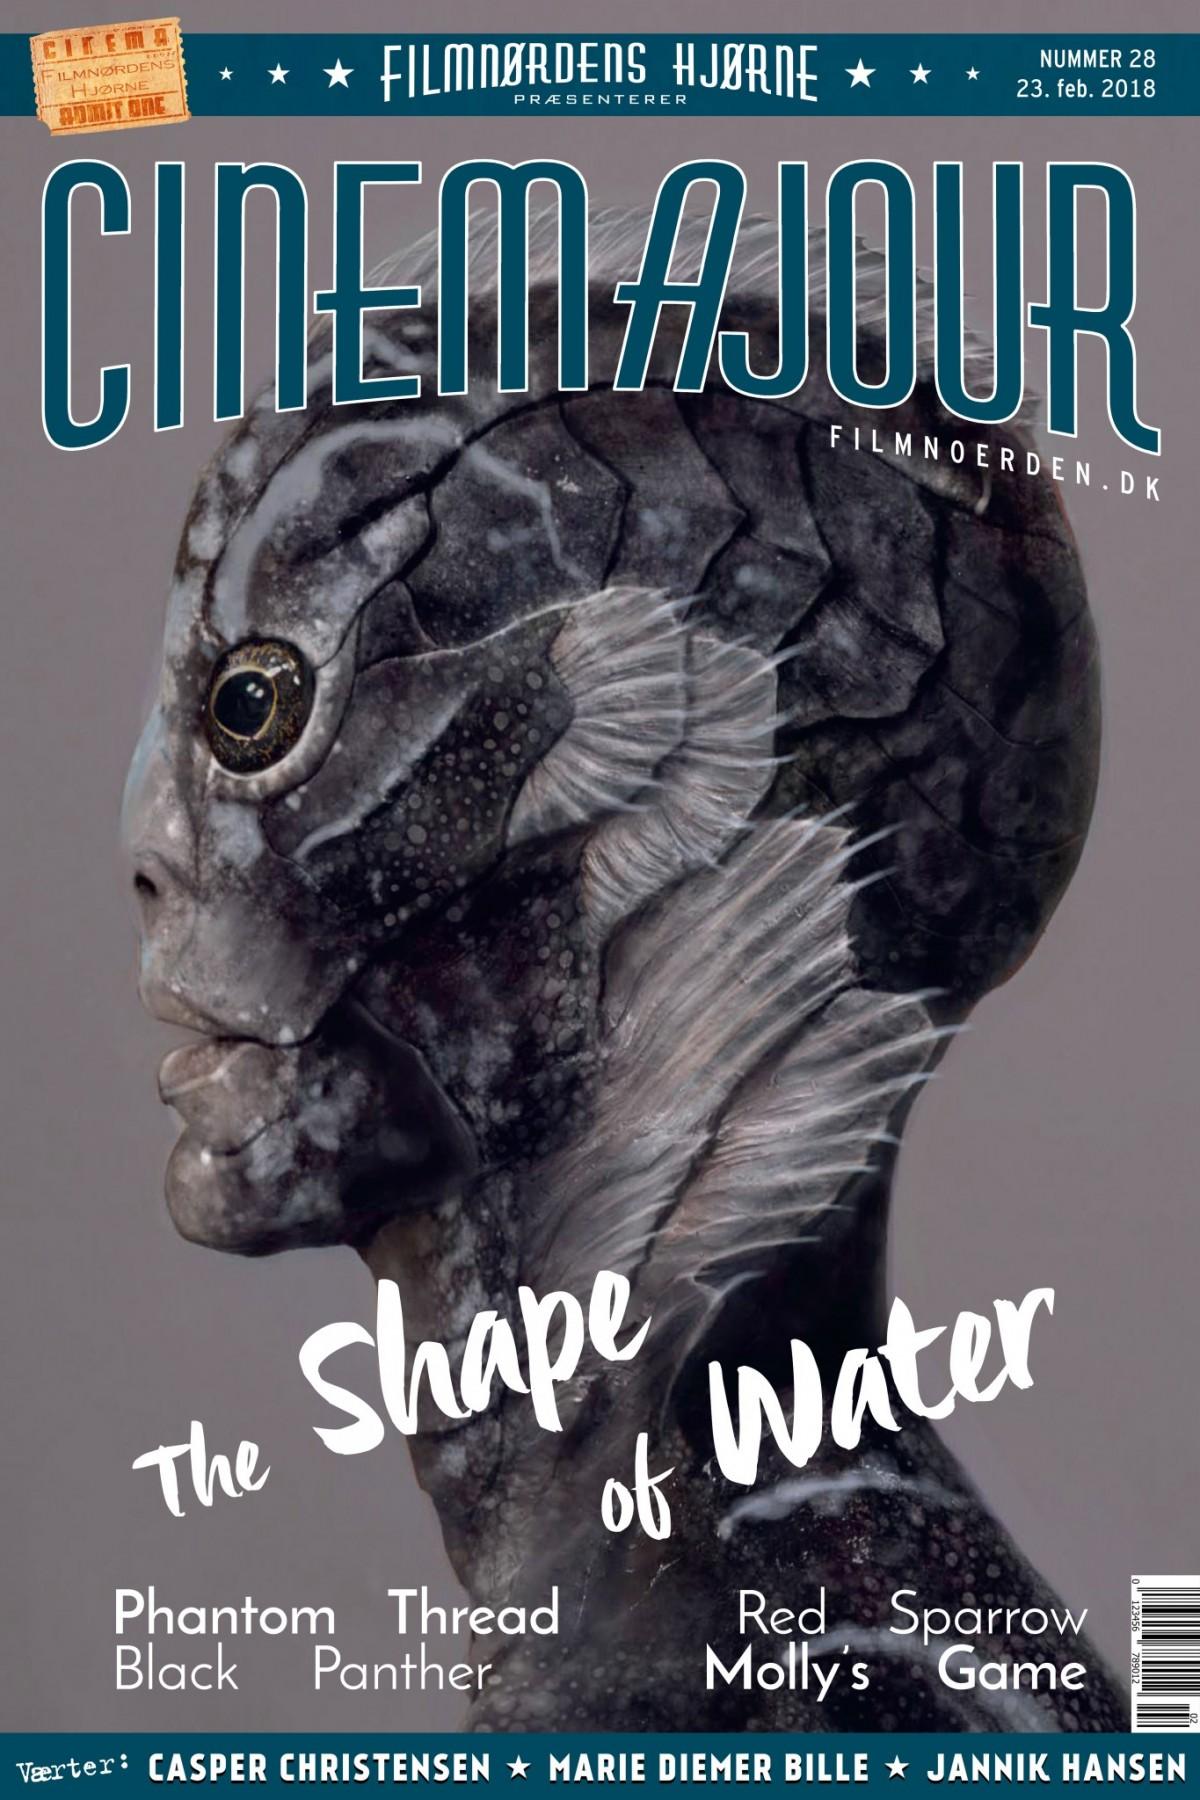 Cinemajour ep. 28